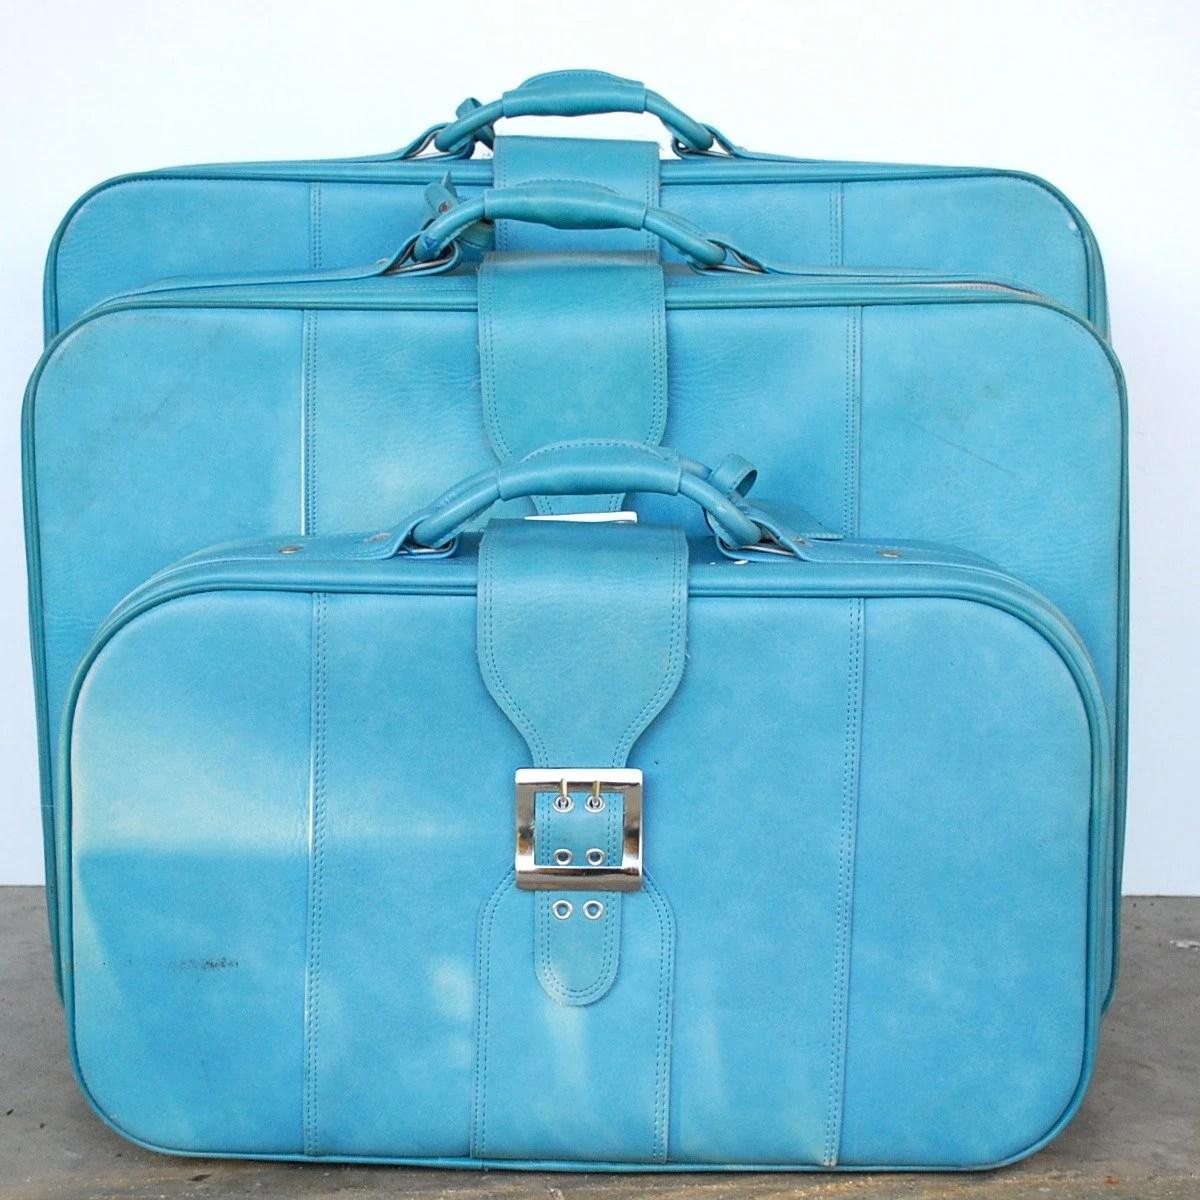 Vintage Blue Luggage / Set of 3 Nesting Suitcases / BANTAM - thevintagetreehouse